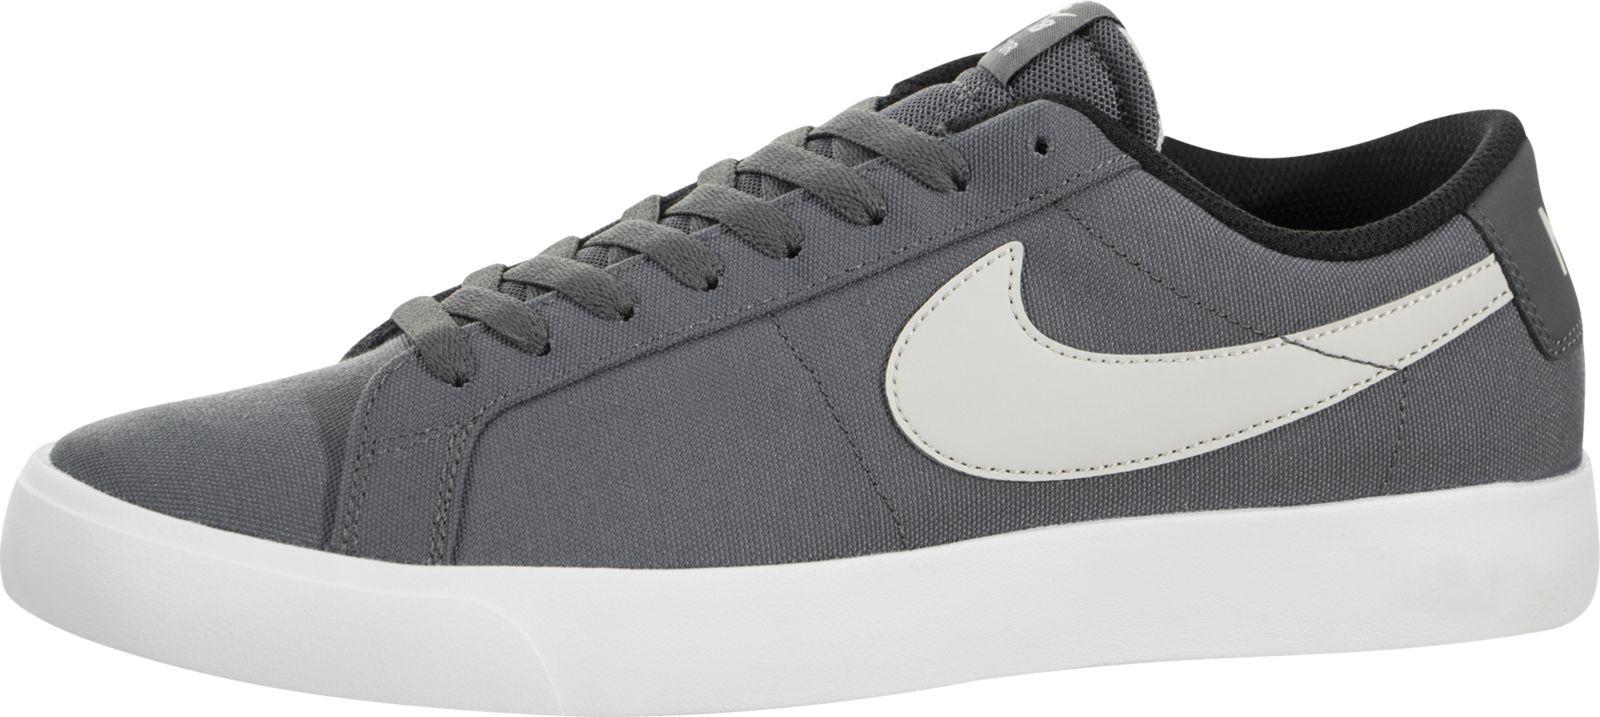 Nike SB Blazer Vapor TXT Dark Grey / Light Bone